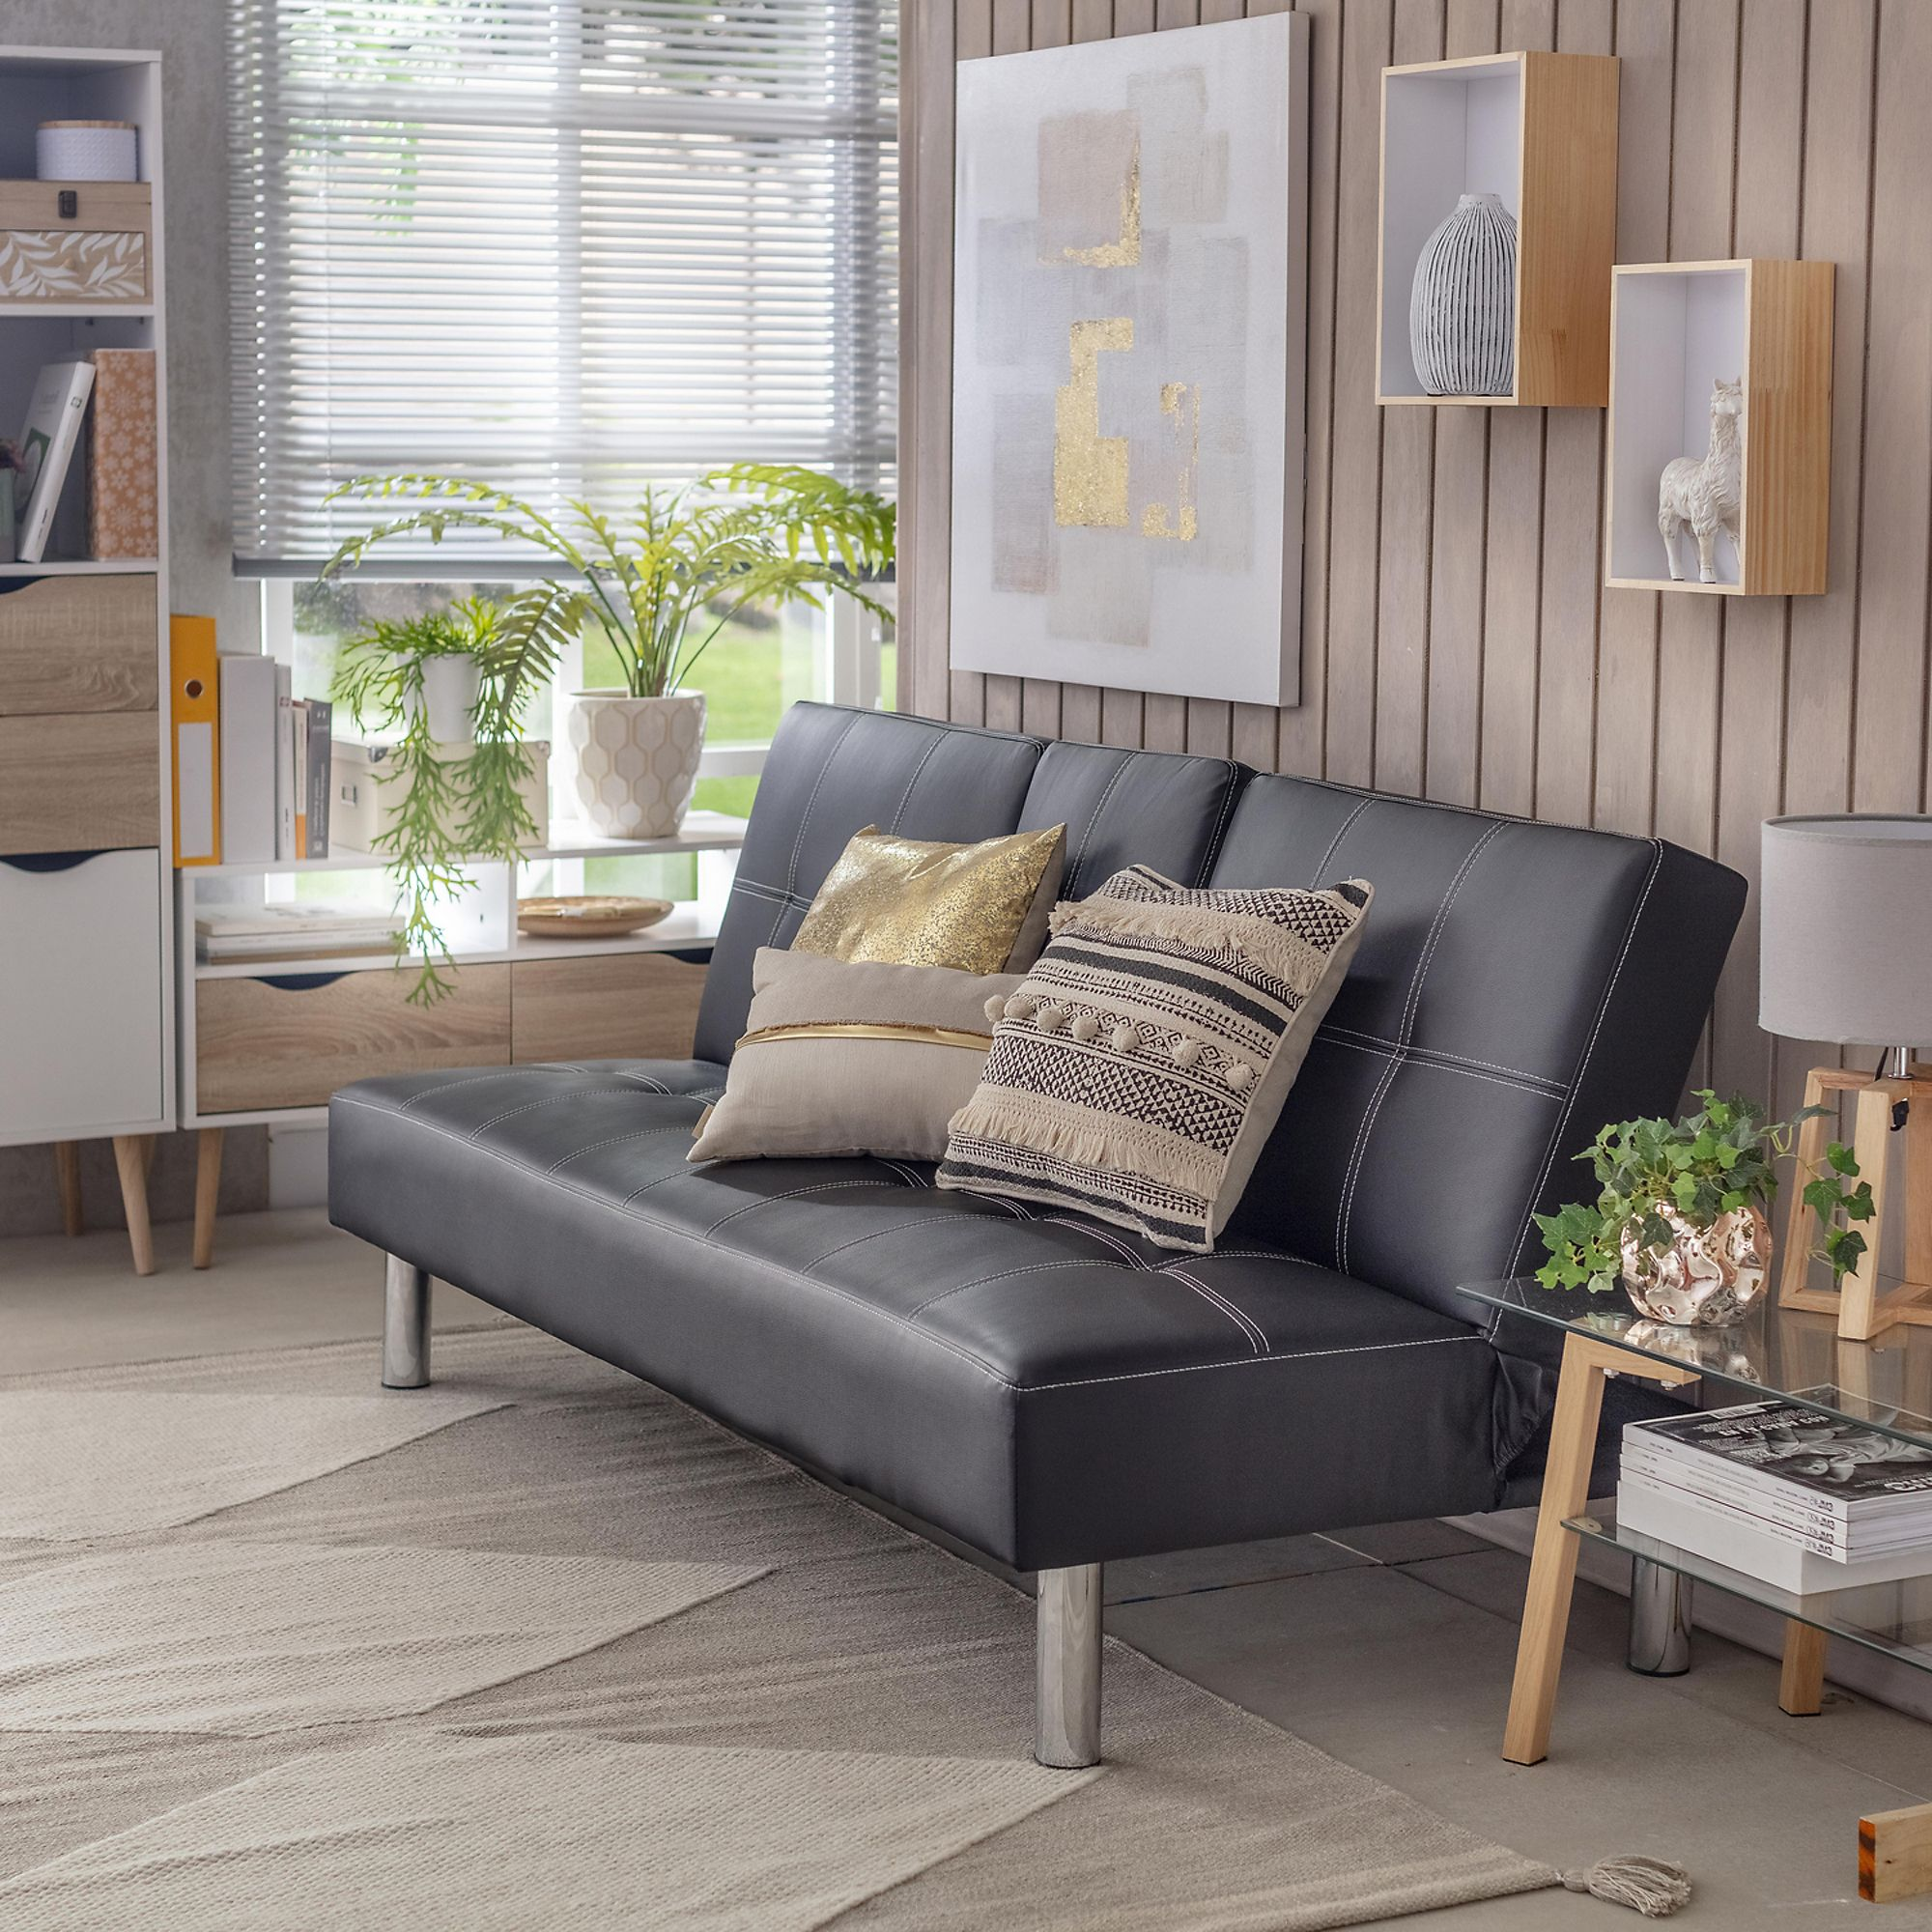 Sodimac ofrece ahorrar hasta 40% en productos para el hogar y construcción